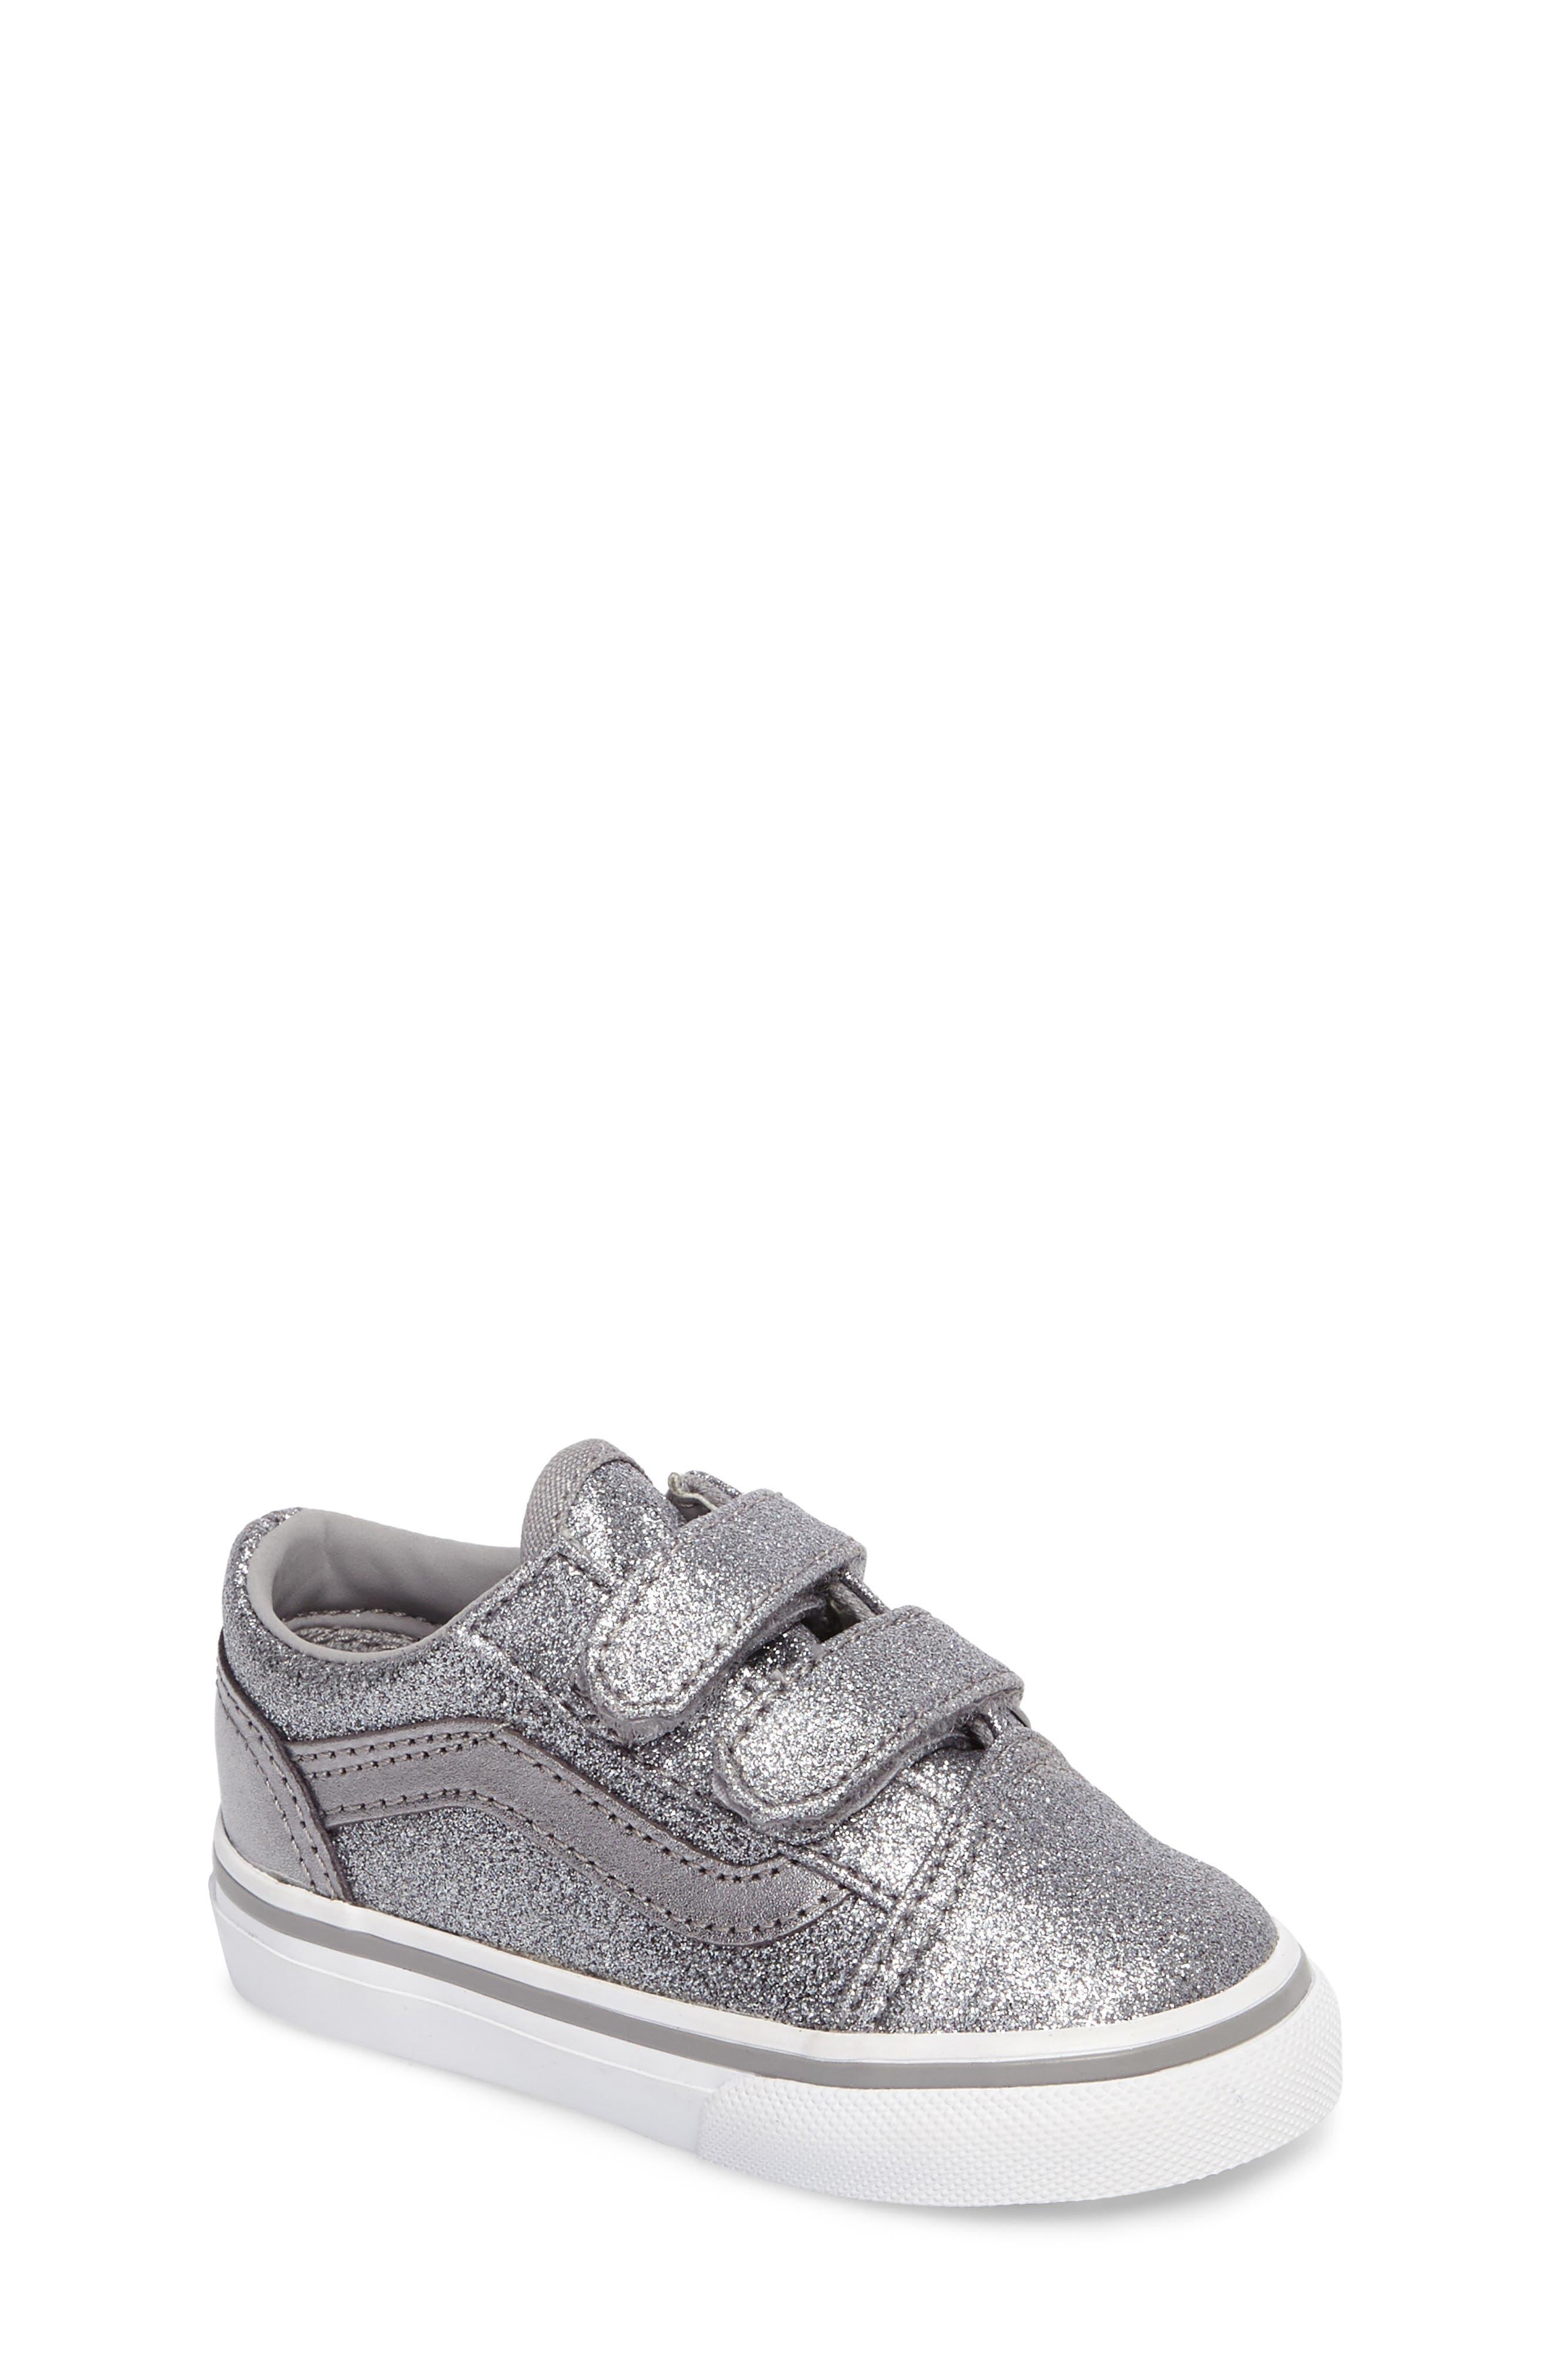 Old Skool V Glitter Sneaker,                         Main,                         color, Glitter  Metallic Frost Gray